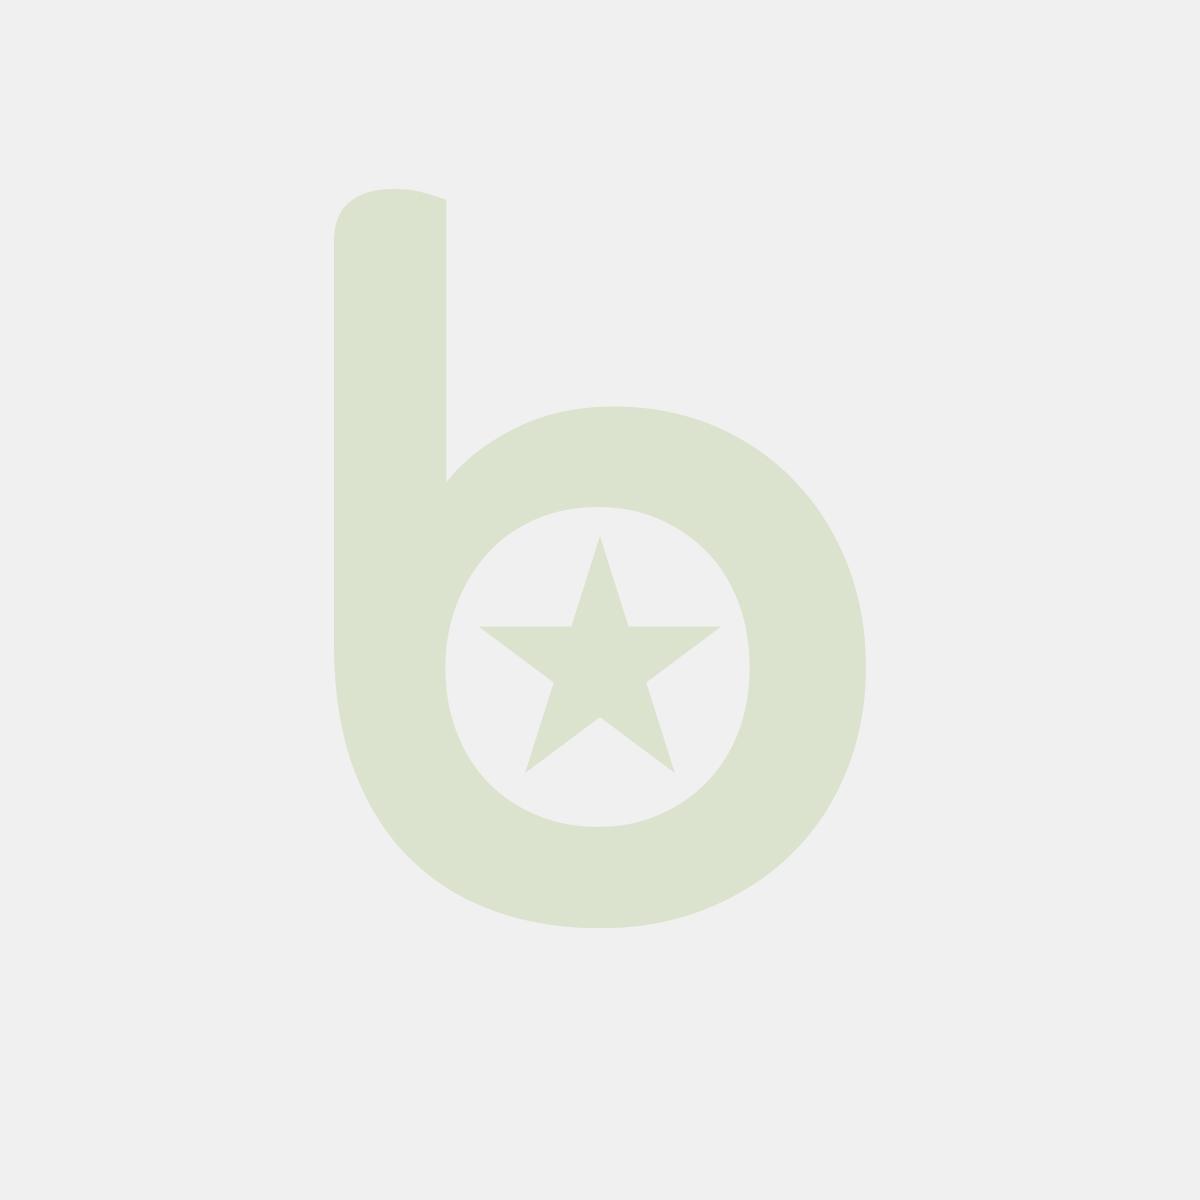 Czepek z włókniny PAPSTAR, średnica 28 cm, kolor biały, cena za opakowanie 100szt